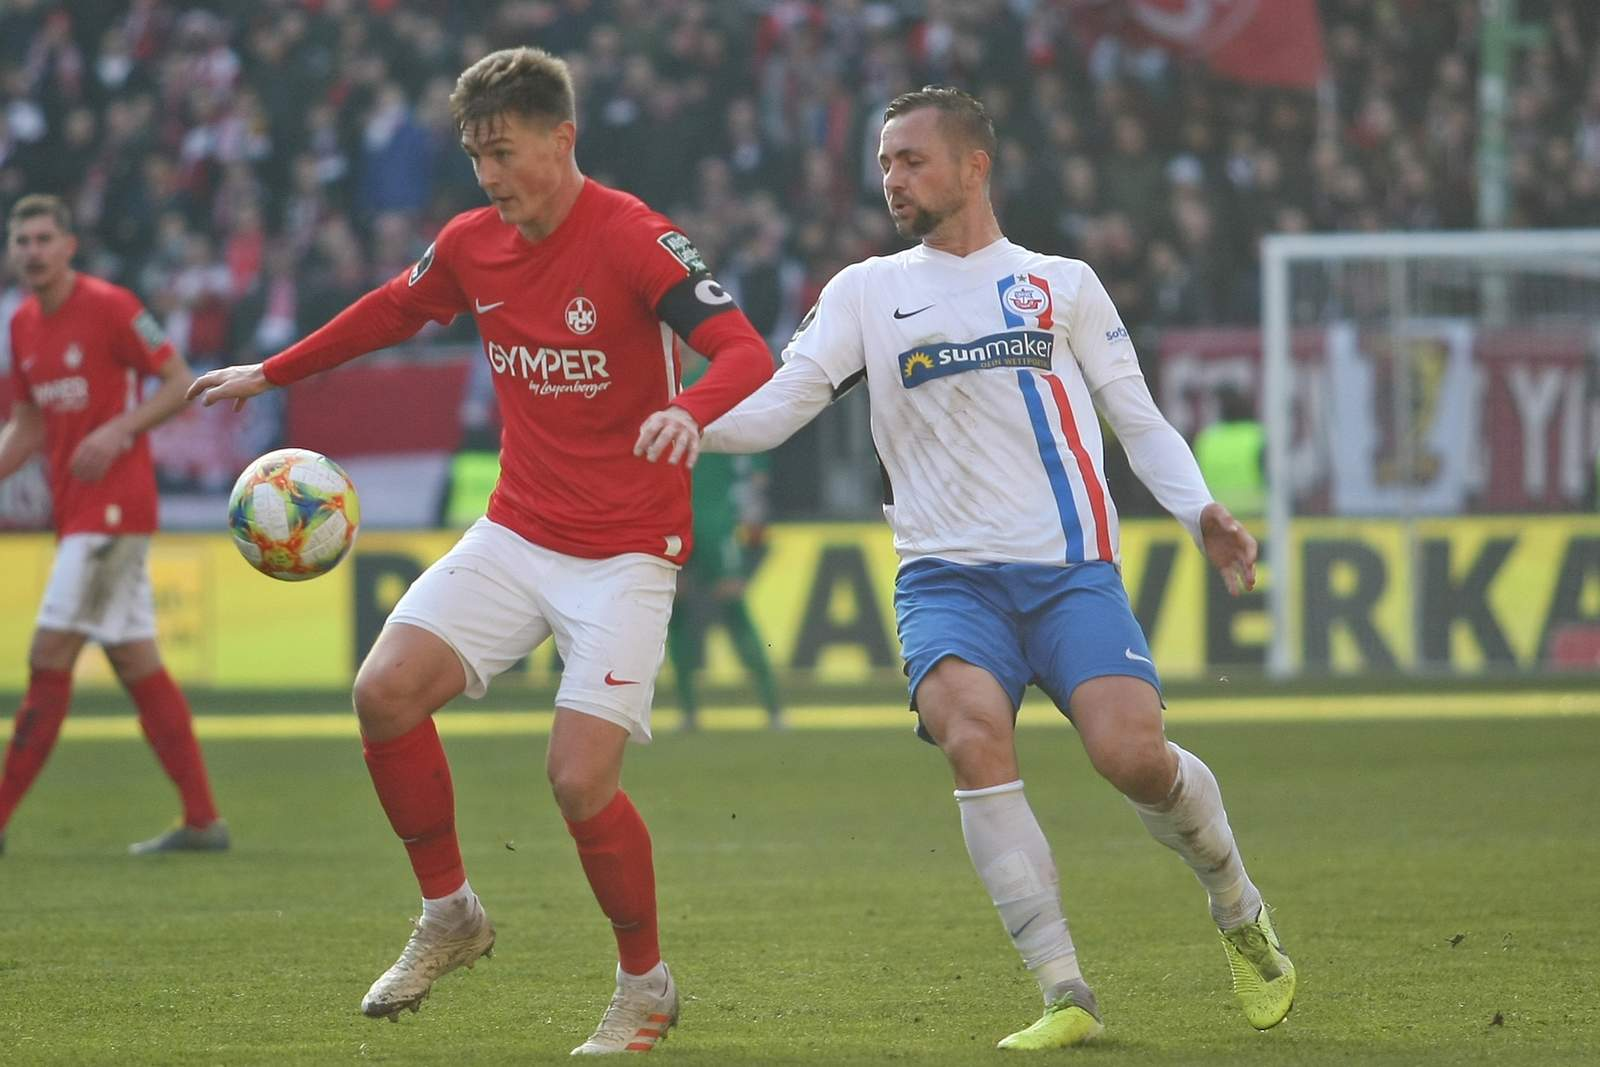 Carlo Sickinger vom FCK gegen John Verhoek von Hansa Rostock